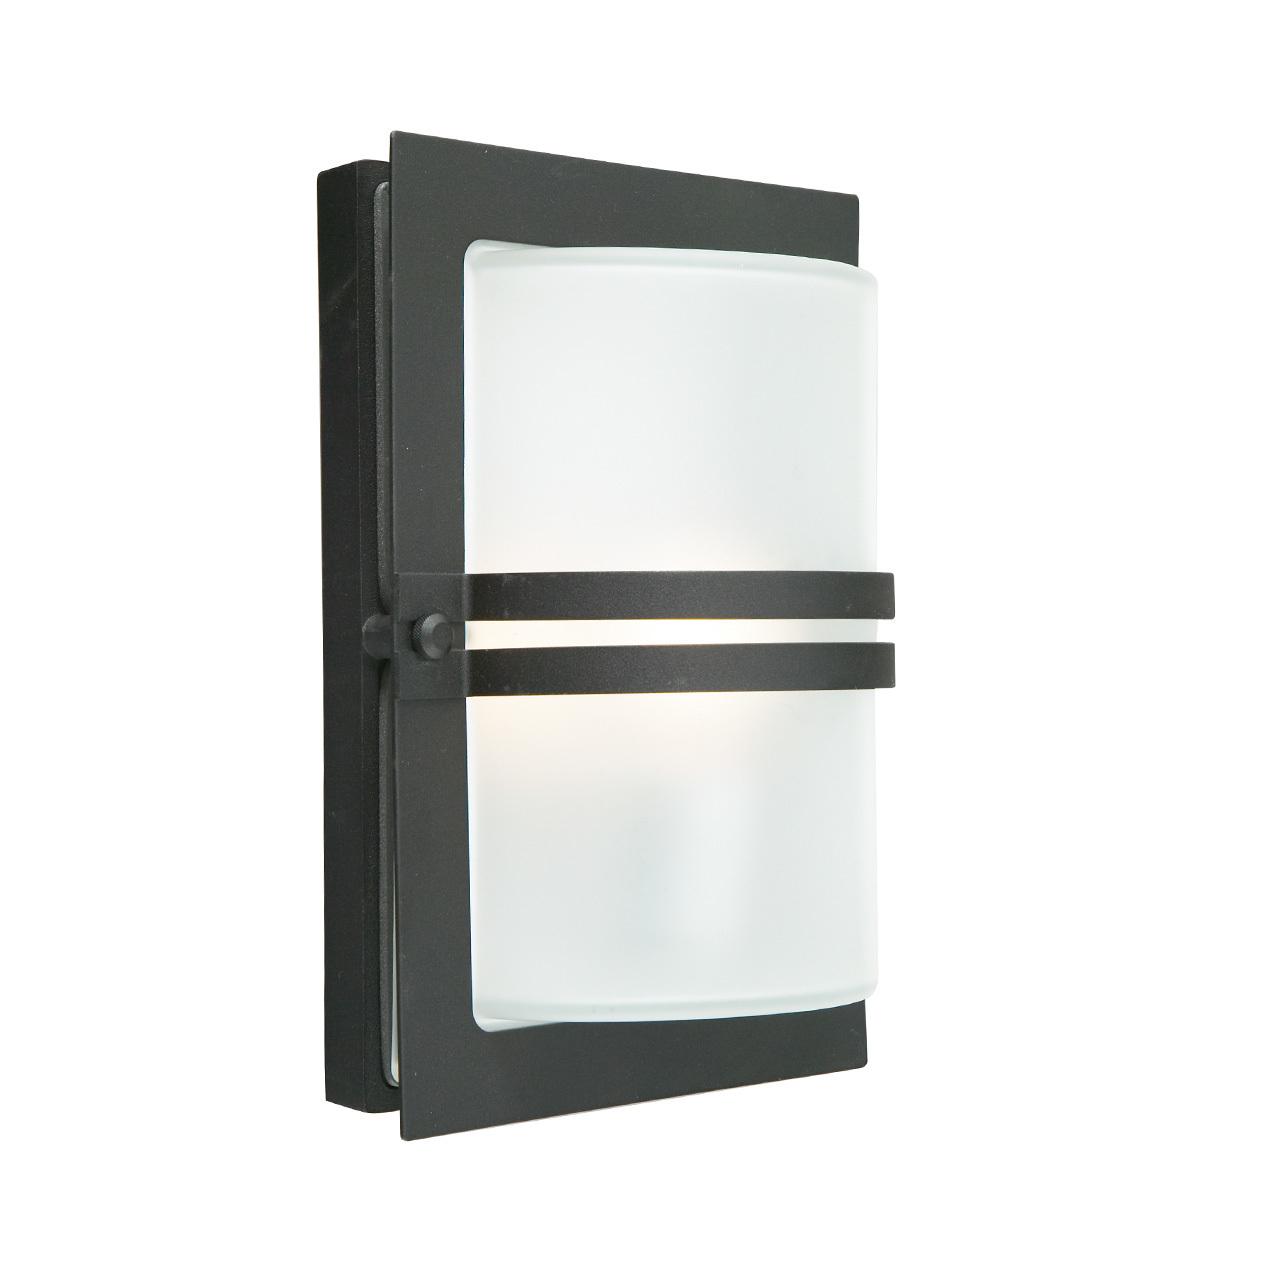 Lampa ścienna BASEL 661B -Norlys  SPRAWDŹ RABATY  5-10-15-20 % w koszyku